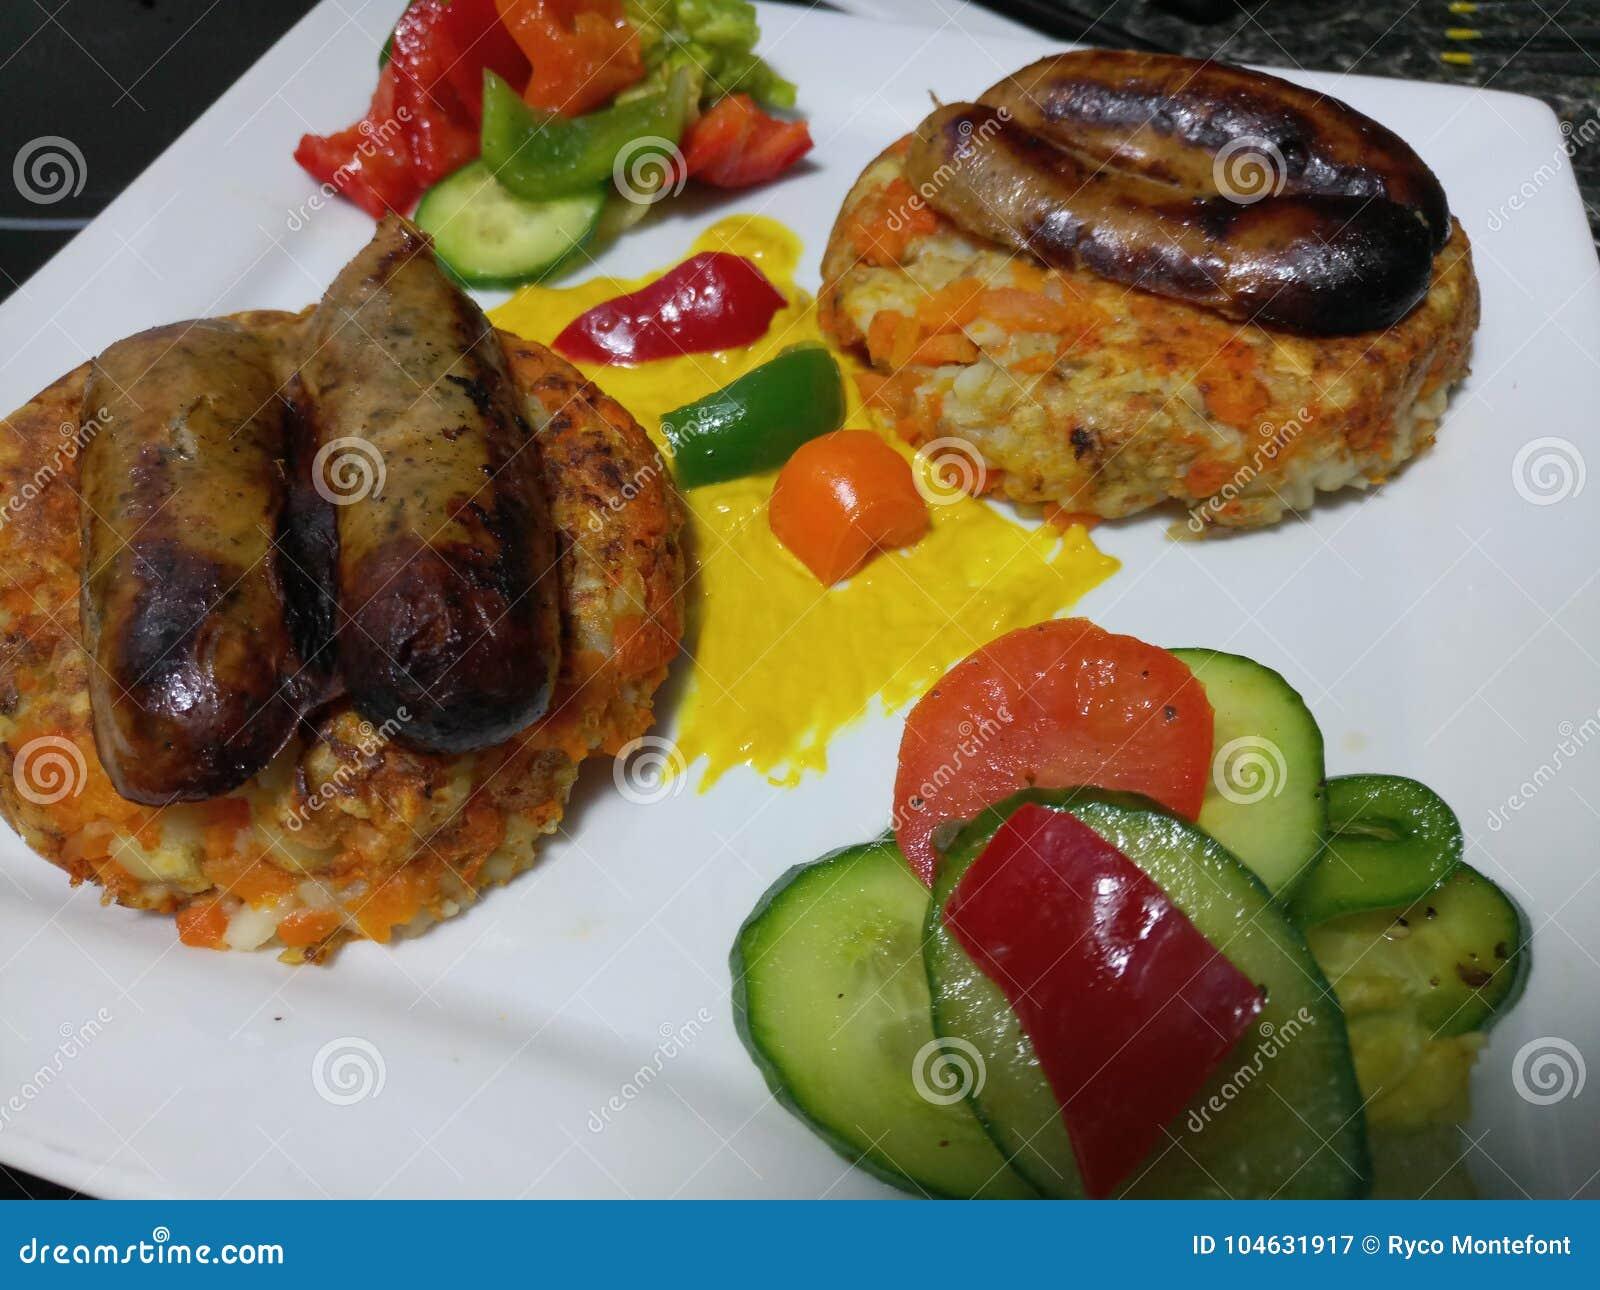 Download De Worsten Van Lincolnshire Met Broodjes En Organische Komkommerplakken Stock Afbeelding - Afbeelding bestaande uit broodjes, plakken: 104631917